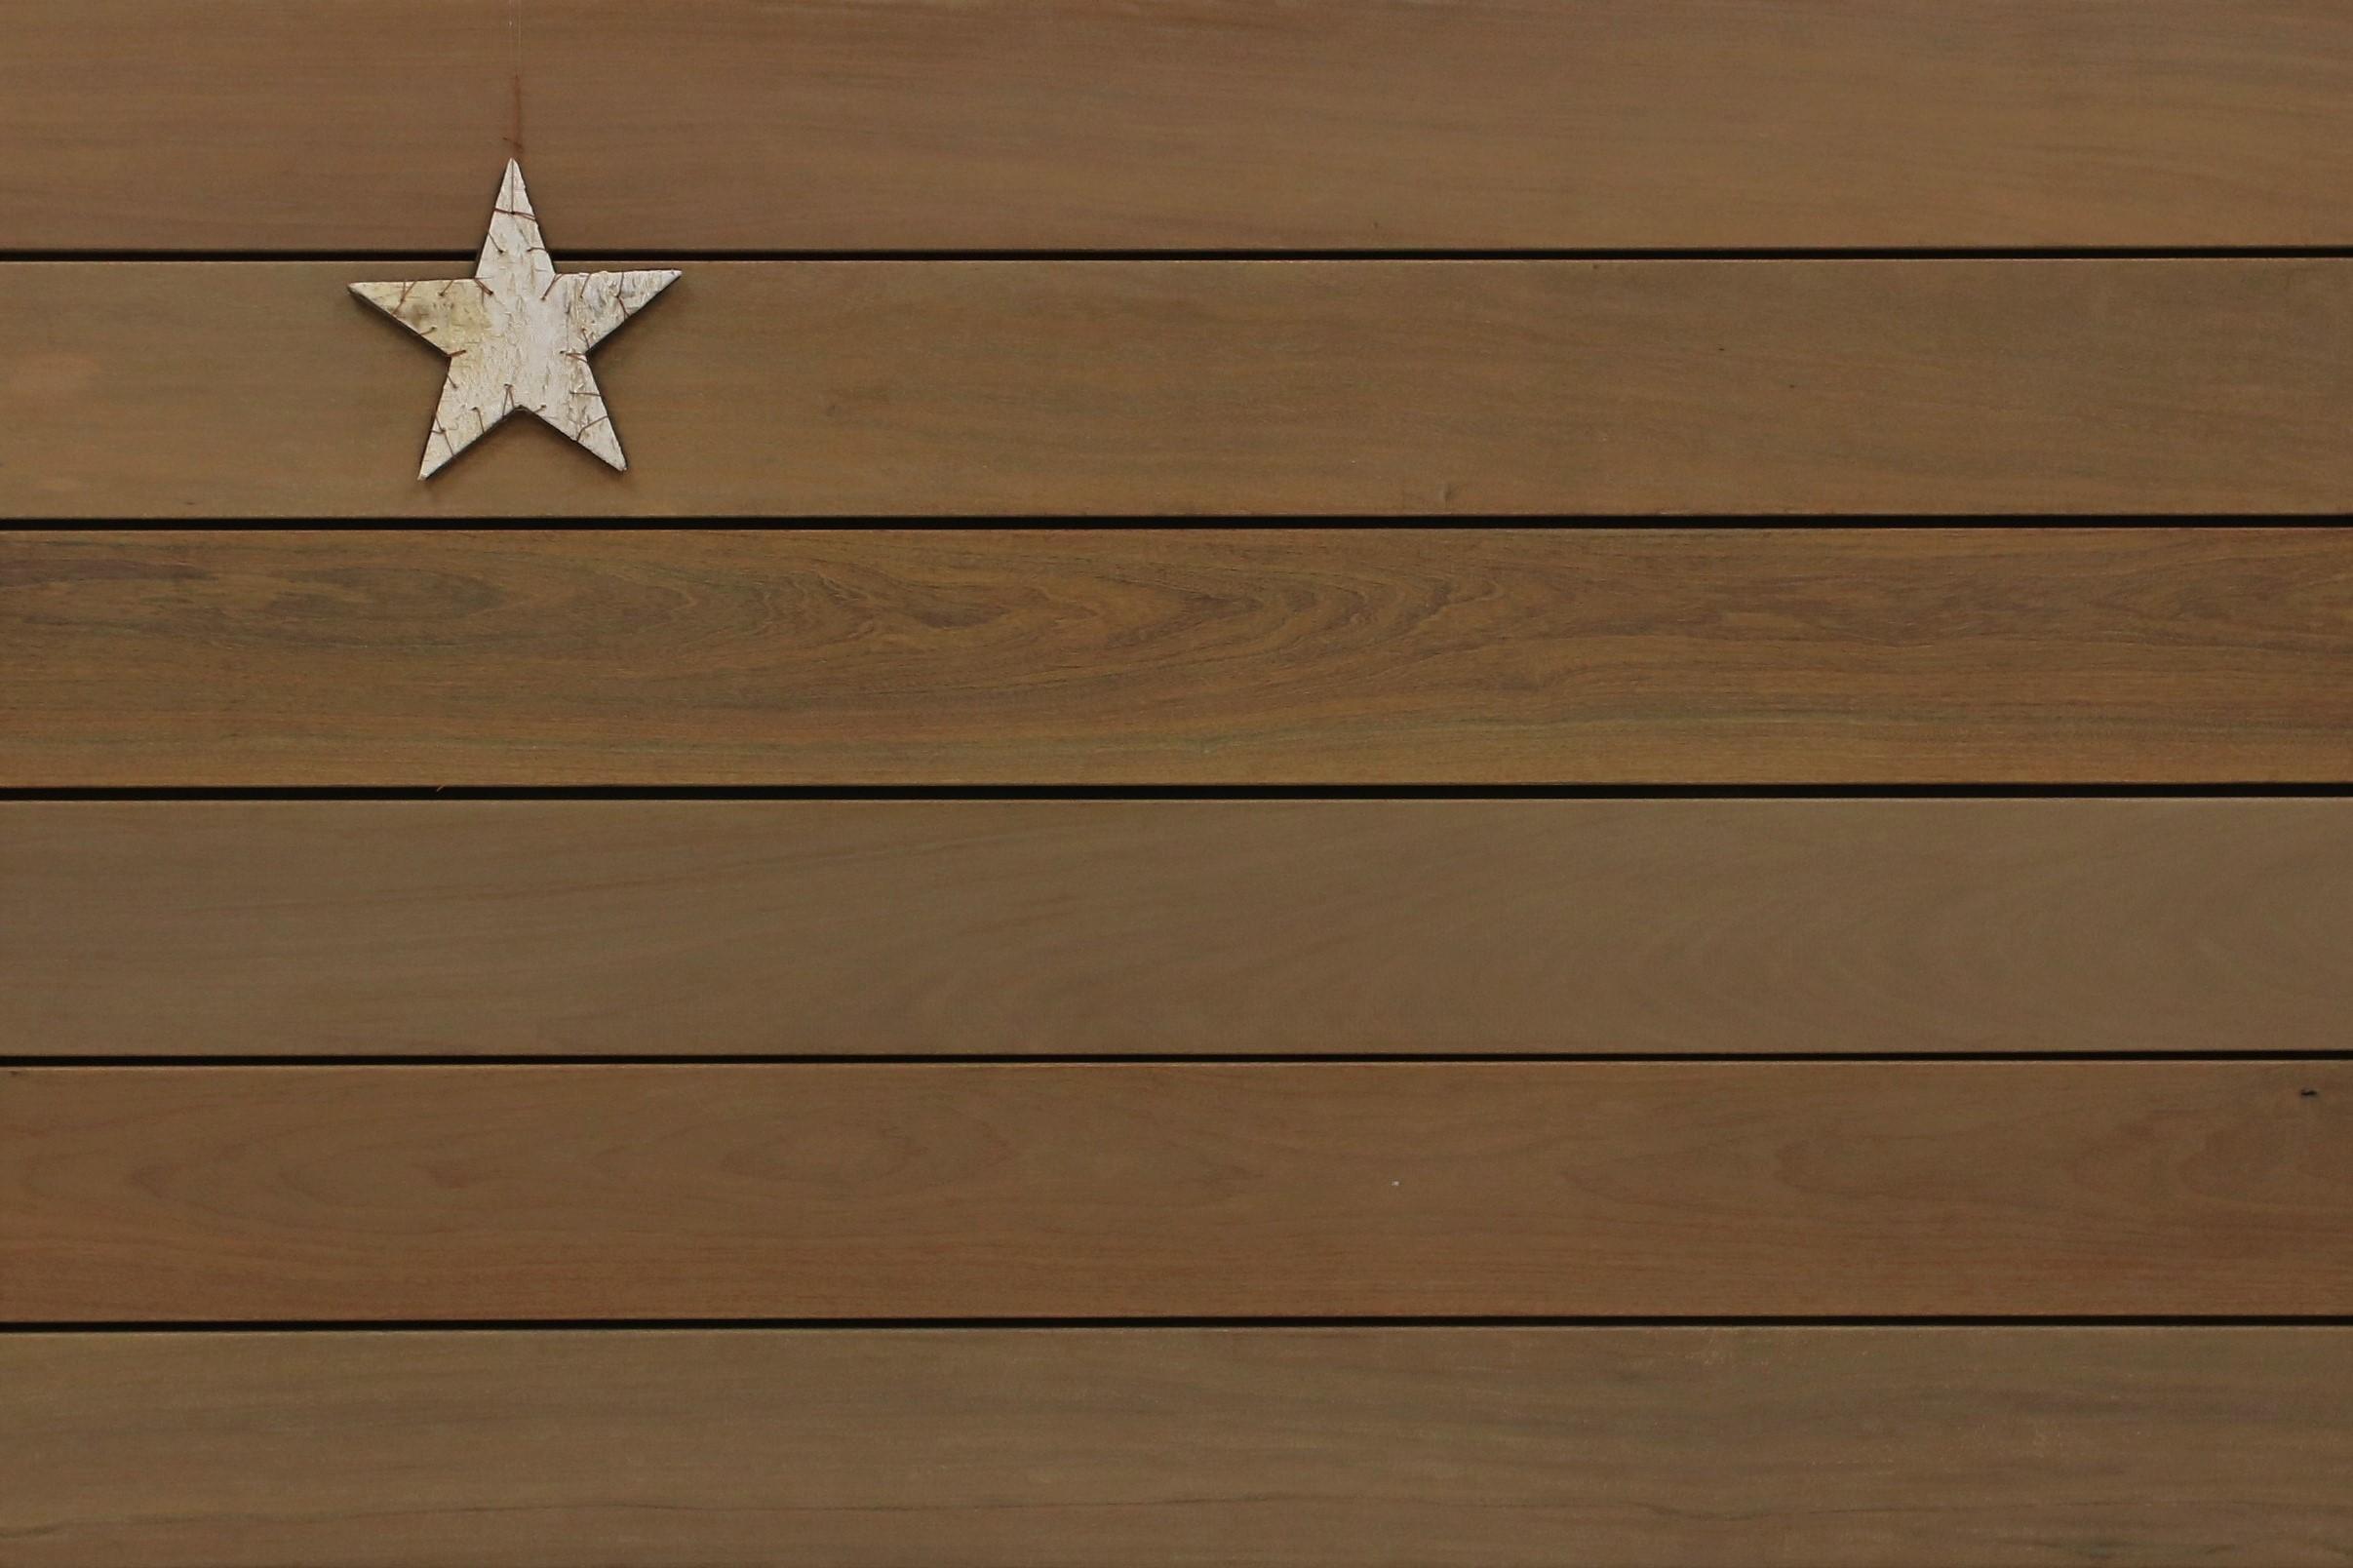 Angebot des Monats, Ipe Terrassendielen, glatt, 21 x 145 bis 6700 mm, Premium (KD) für 15,90 €/lfm